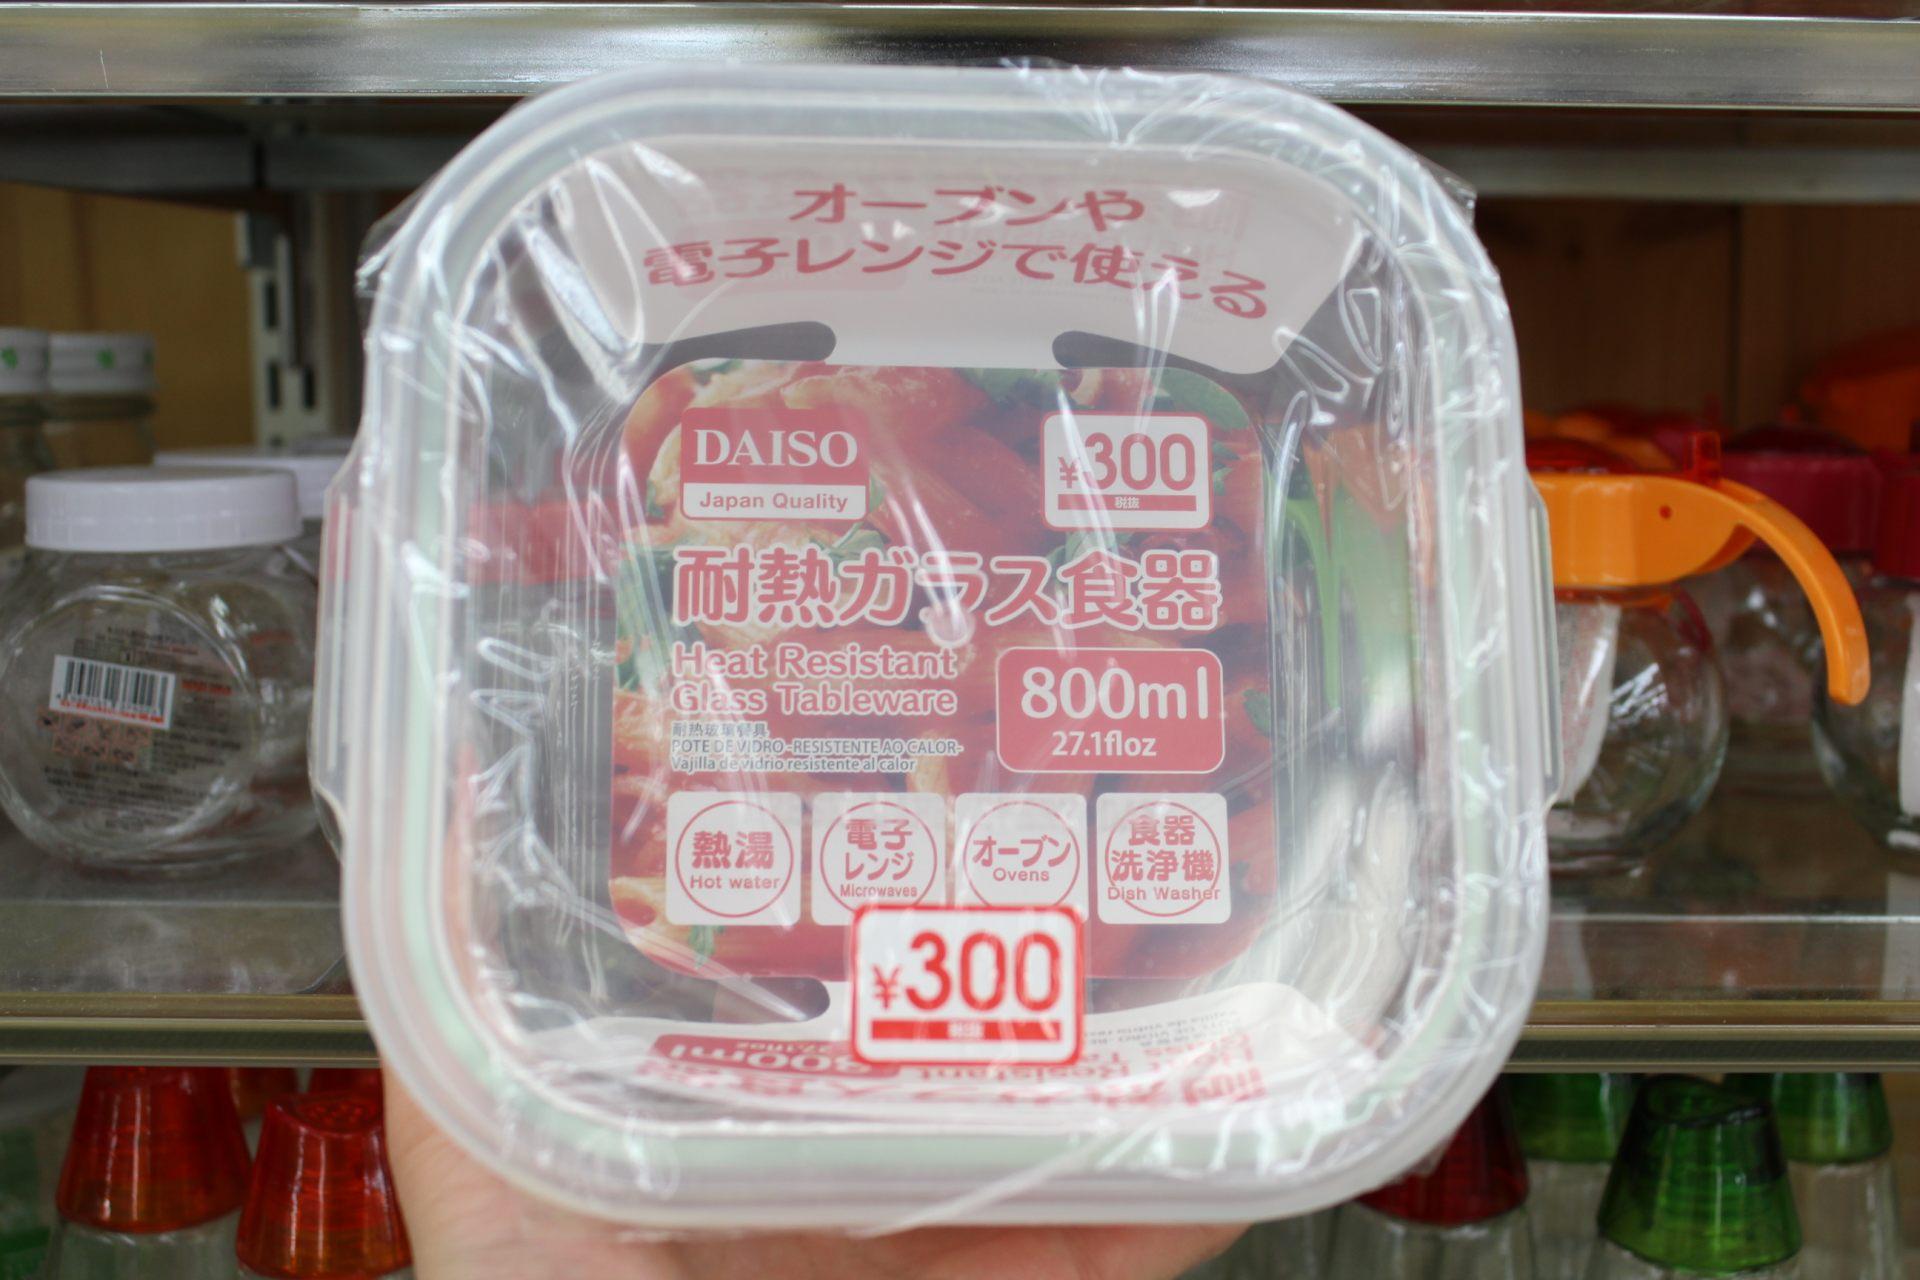 DAISO's heat-resistant glassware